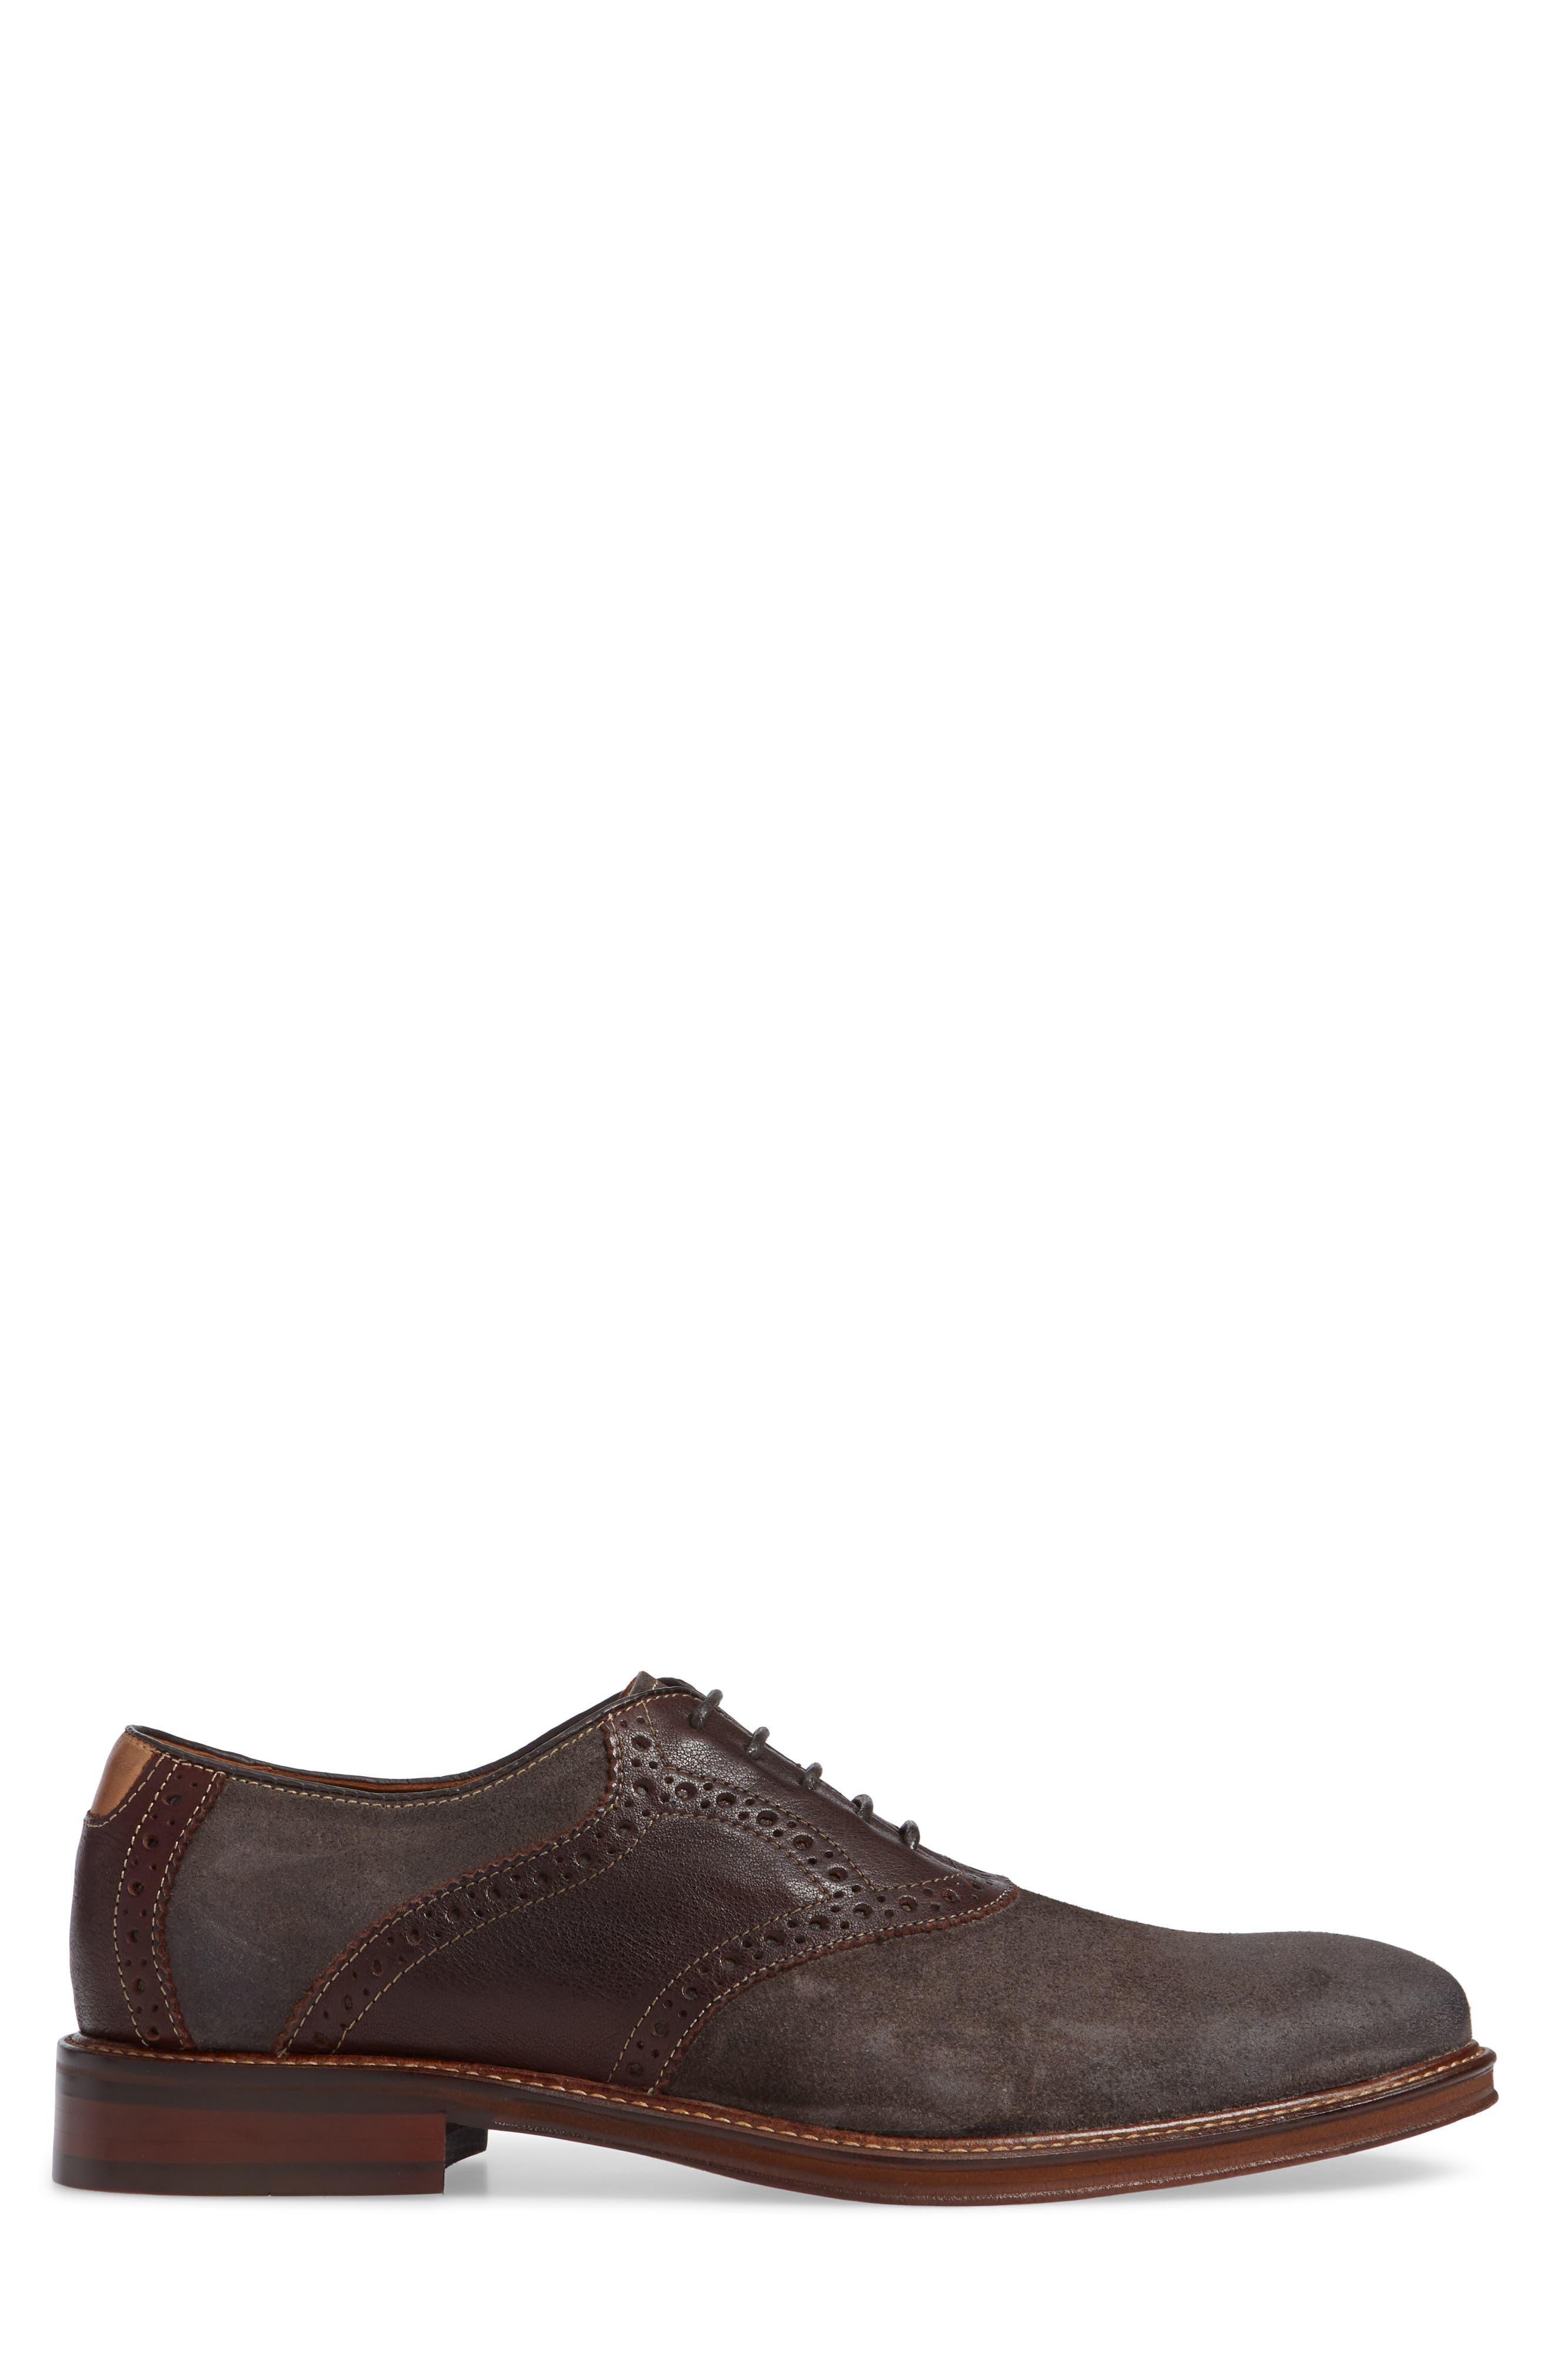 Warner Saddle Shoe,                             Alternate thumbnail 3, color,                             DARK GREY SUEDE